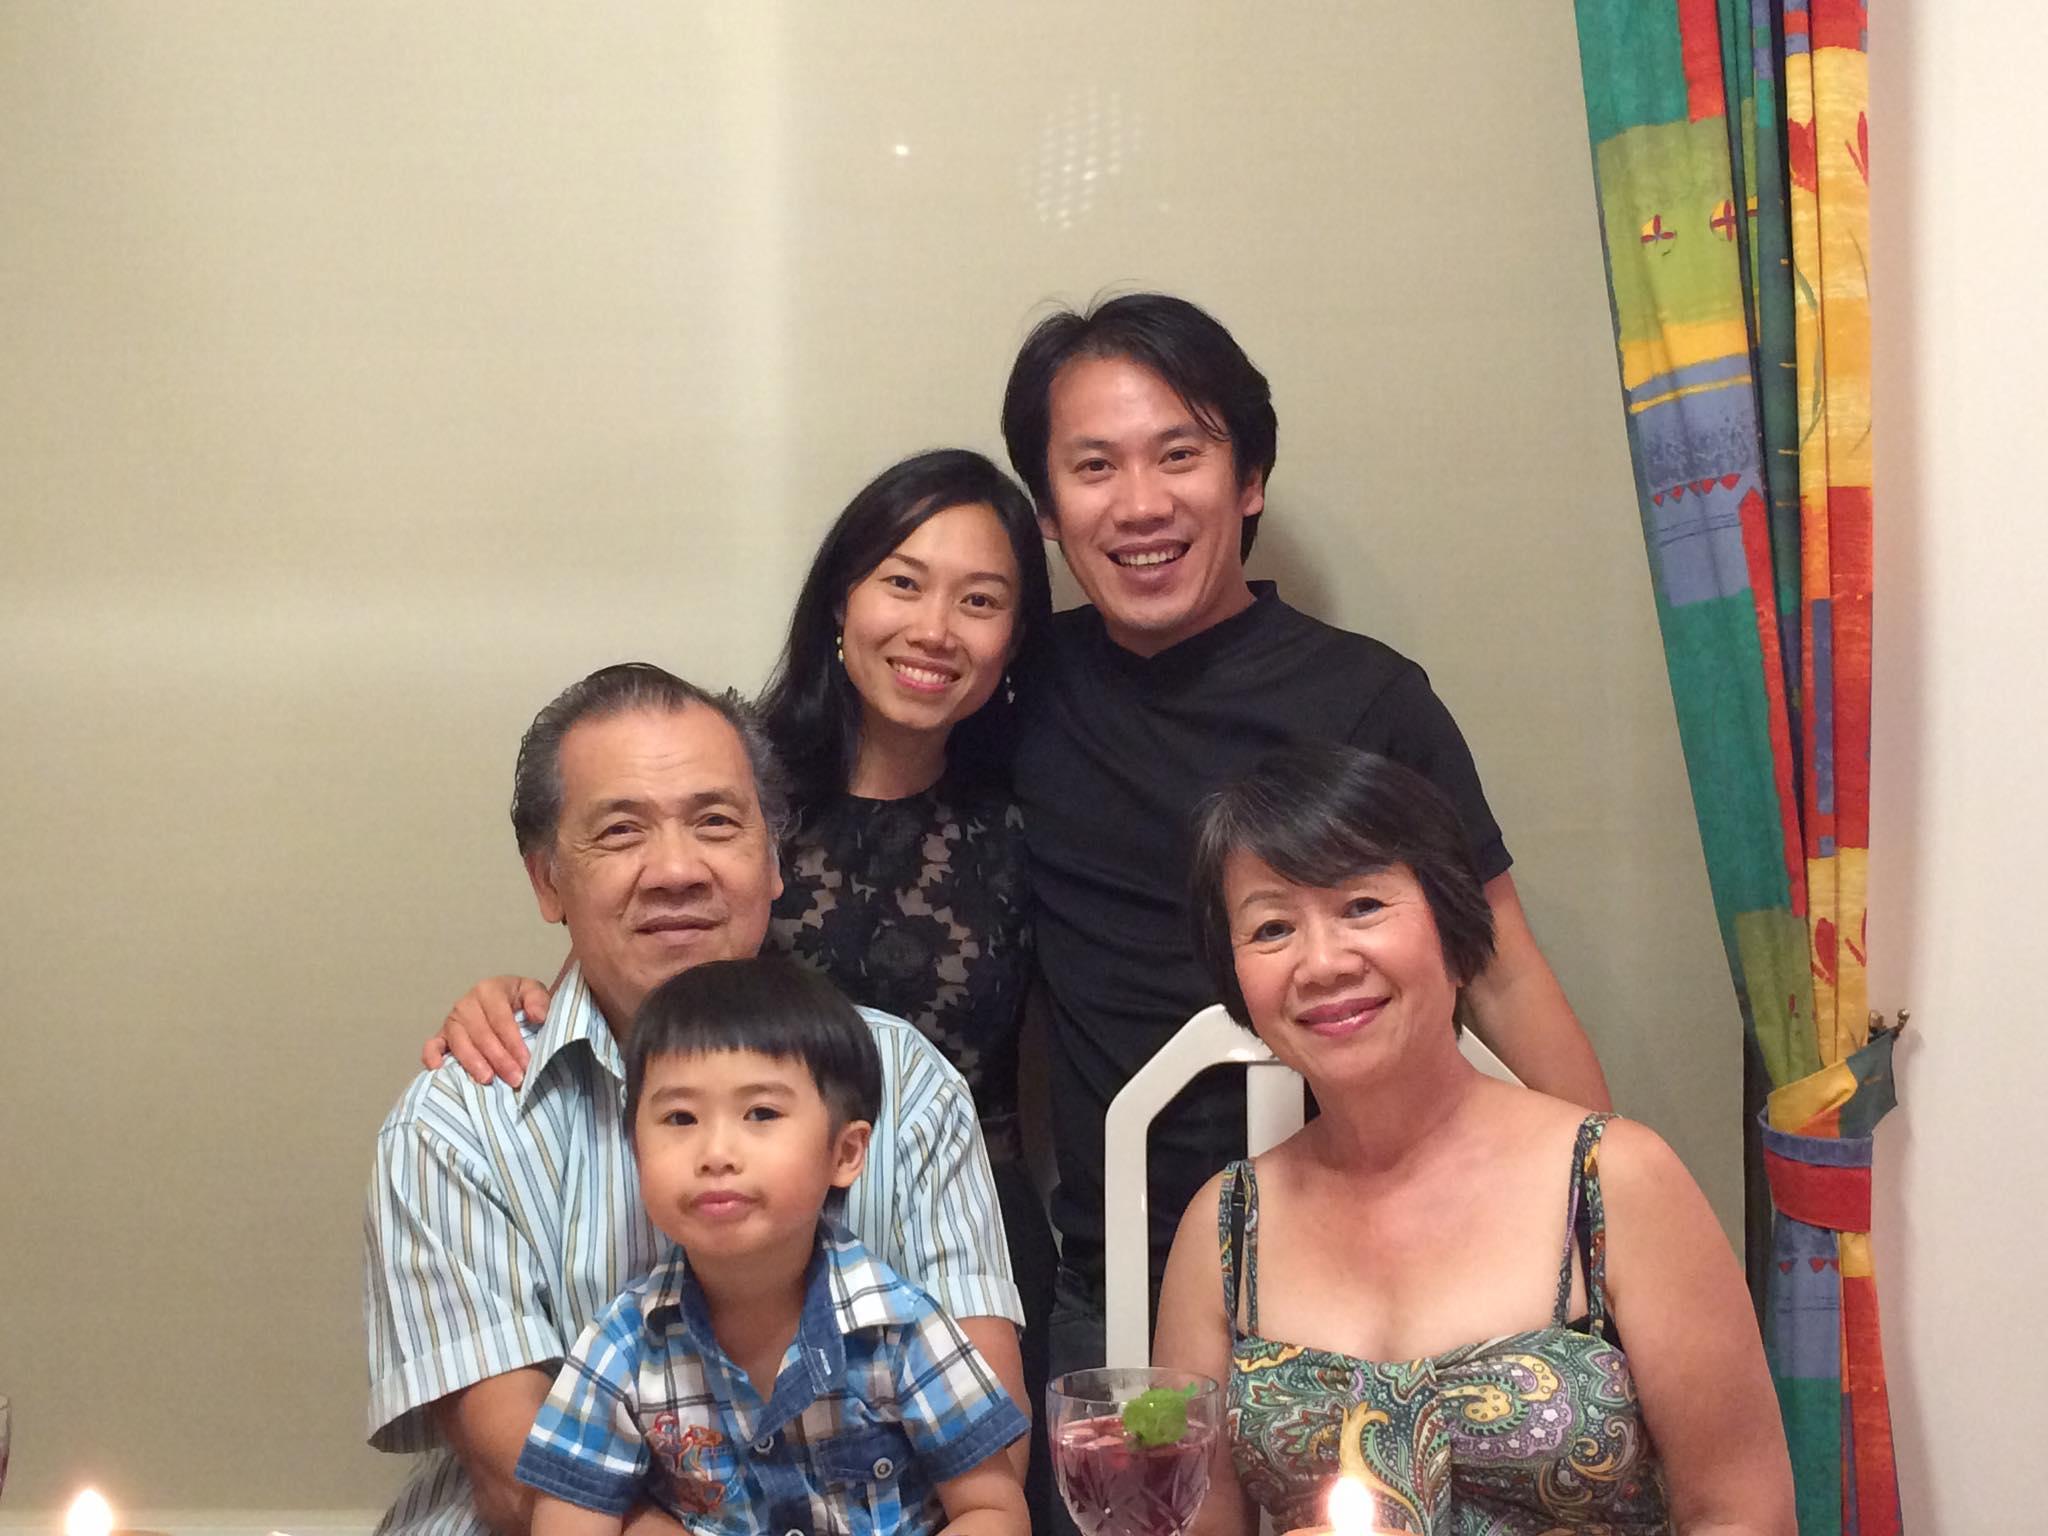 My family in Australia